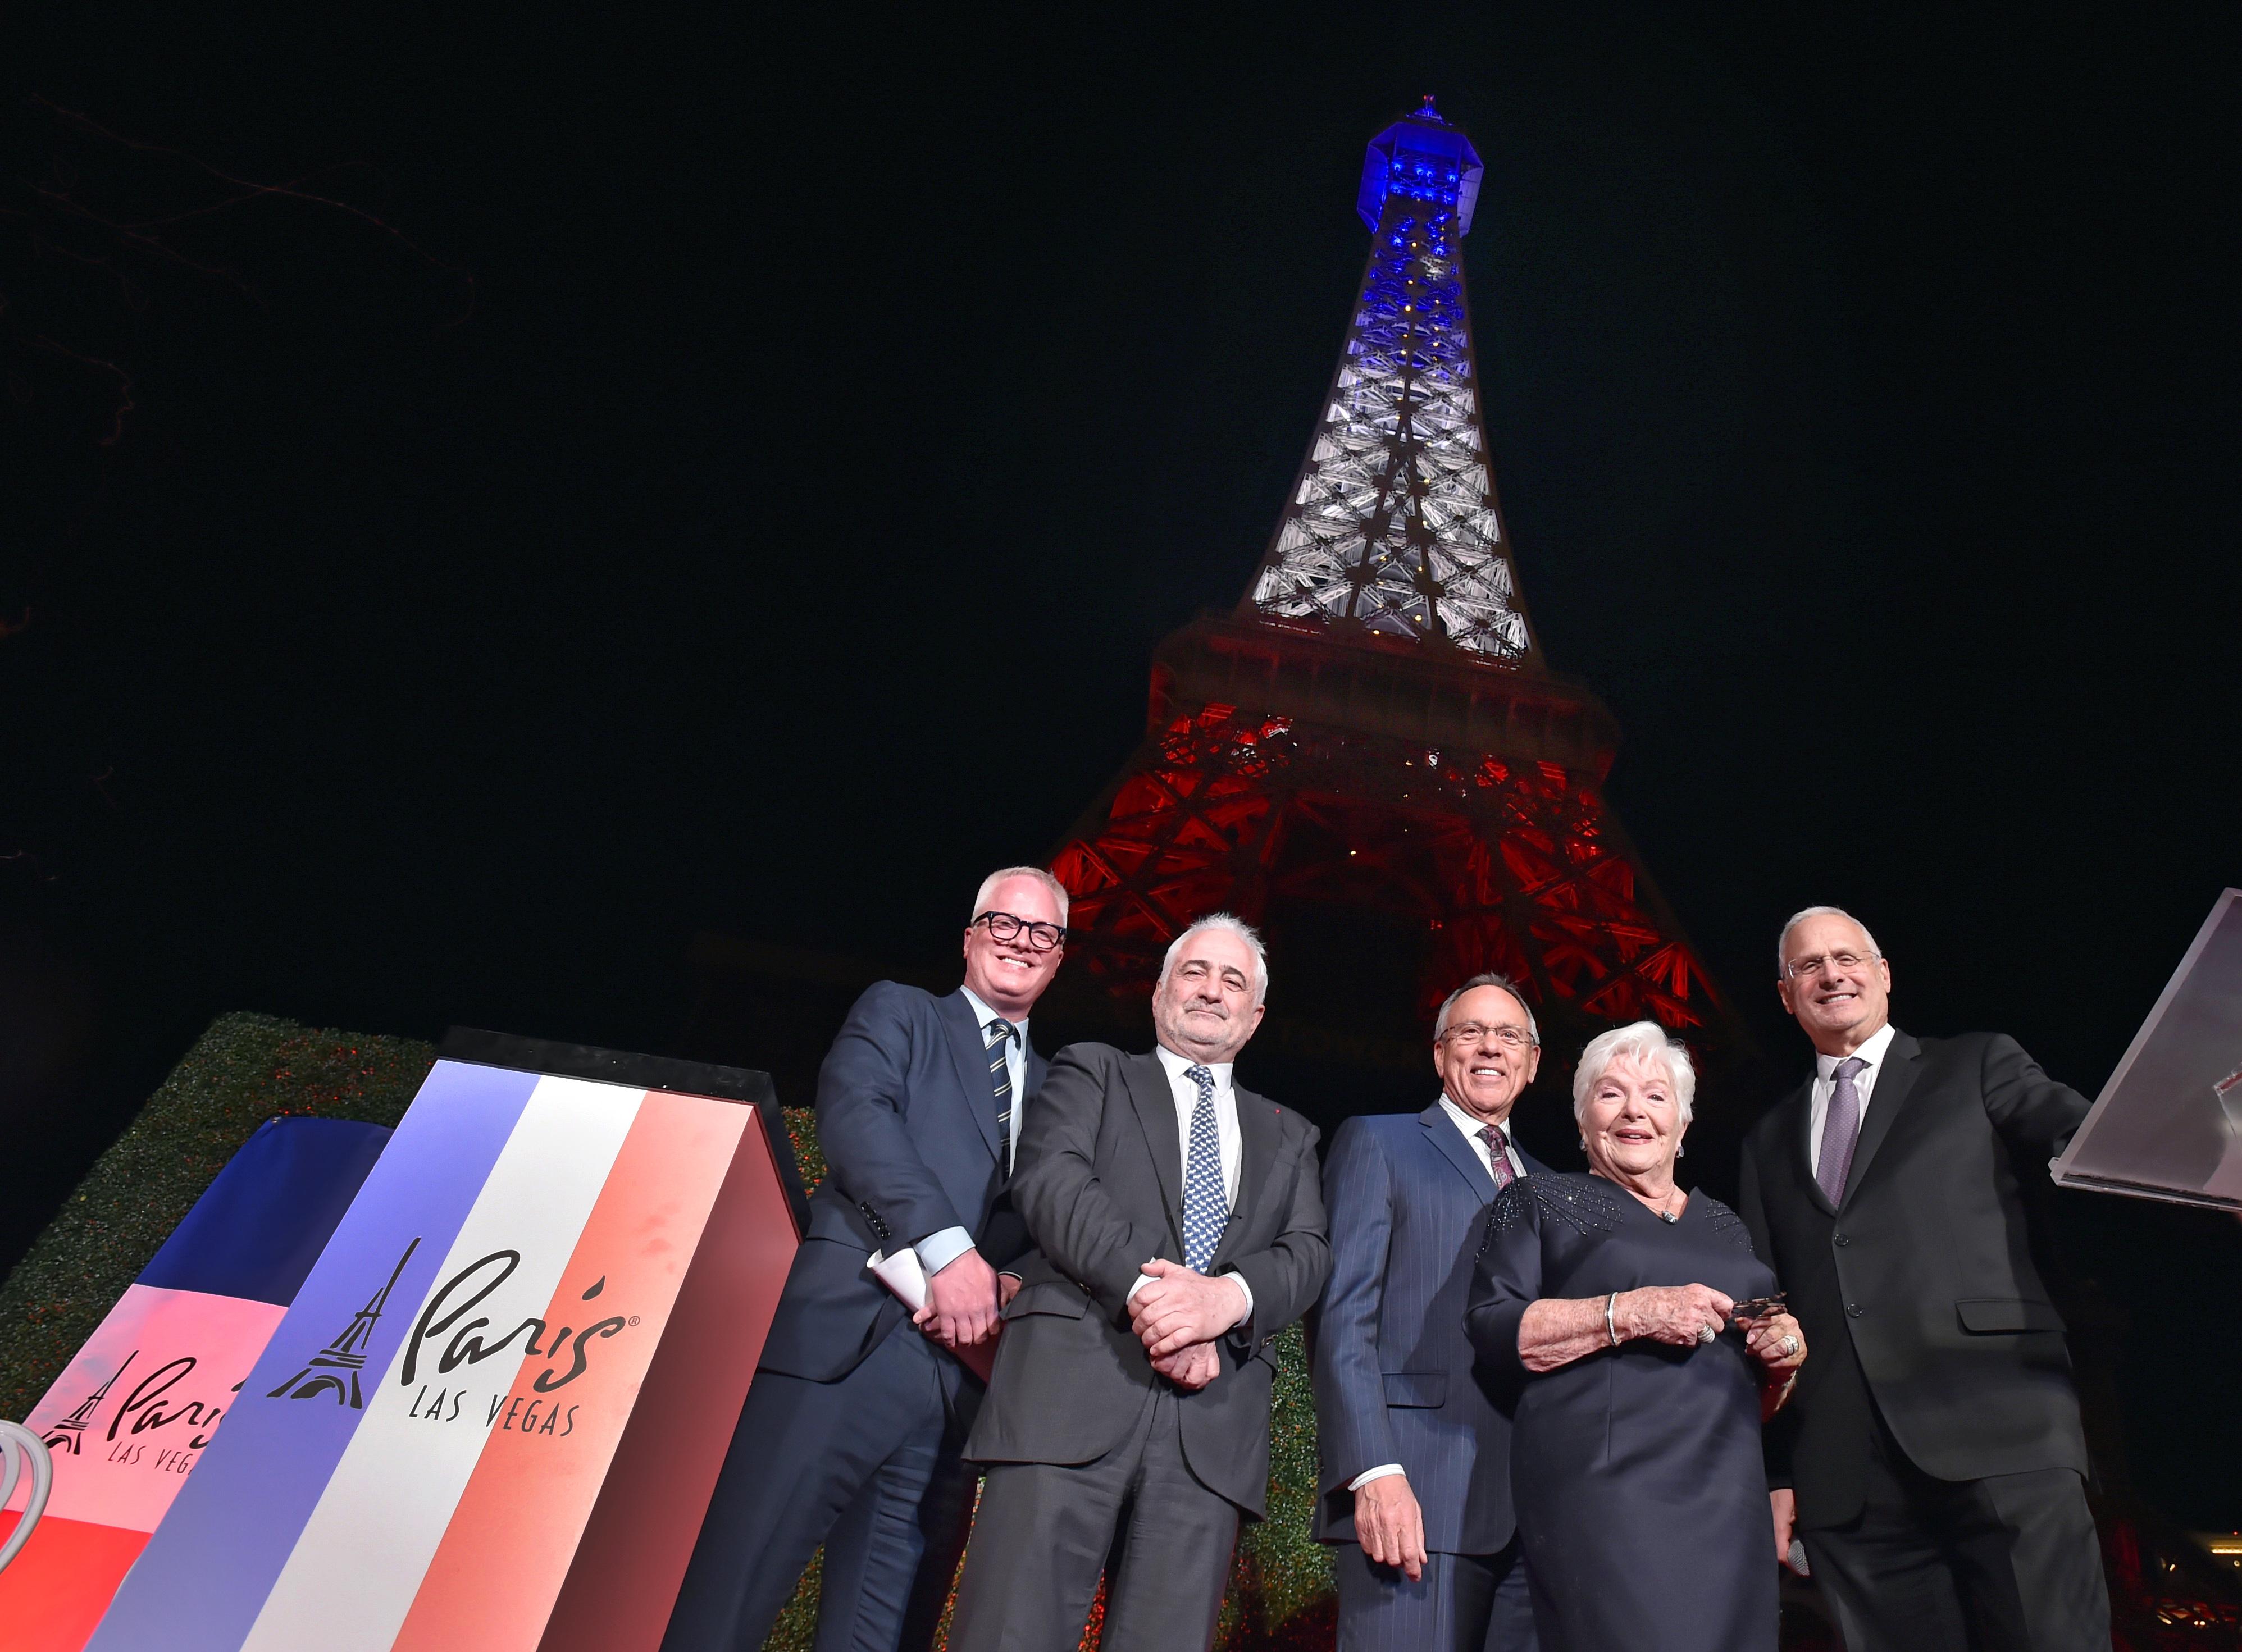 拉斯维加斯巴黎酒店重金打造埃菲尔铁塔灯光秀